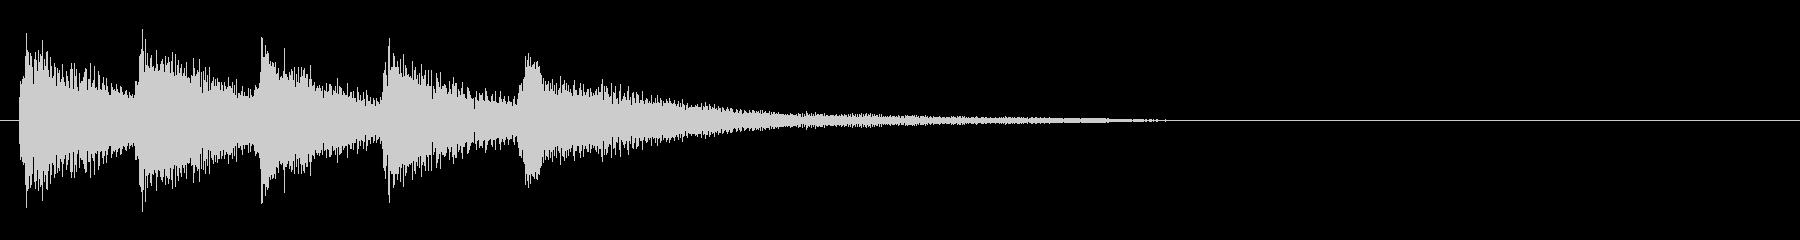 ベル6 24bit44.1kHzVerの未再生の波形